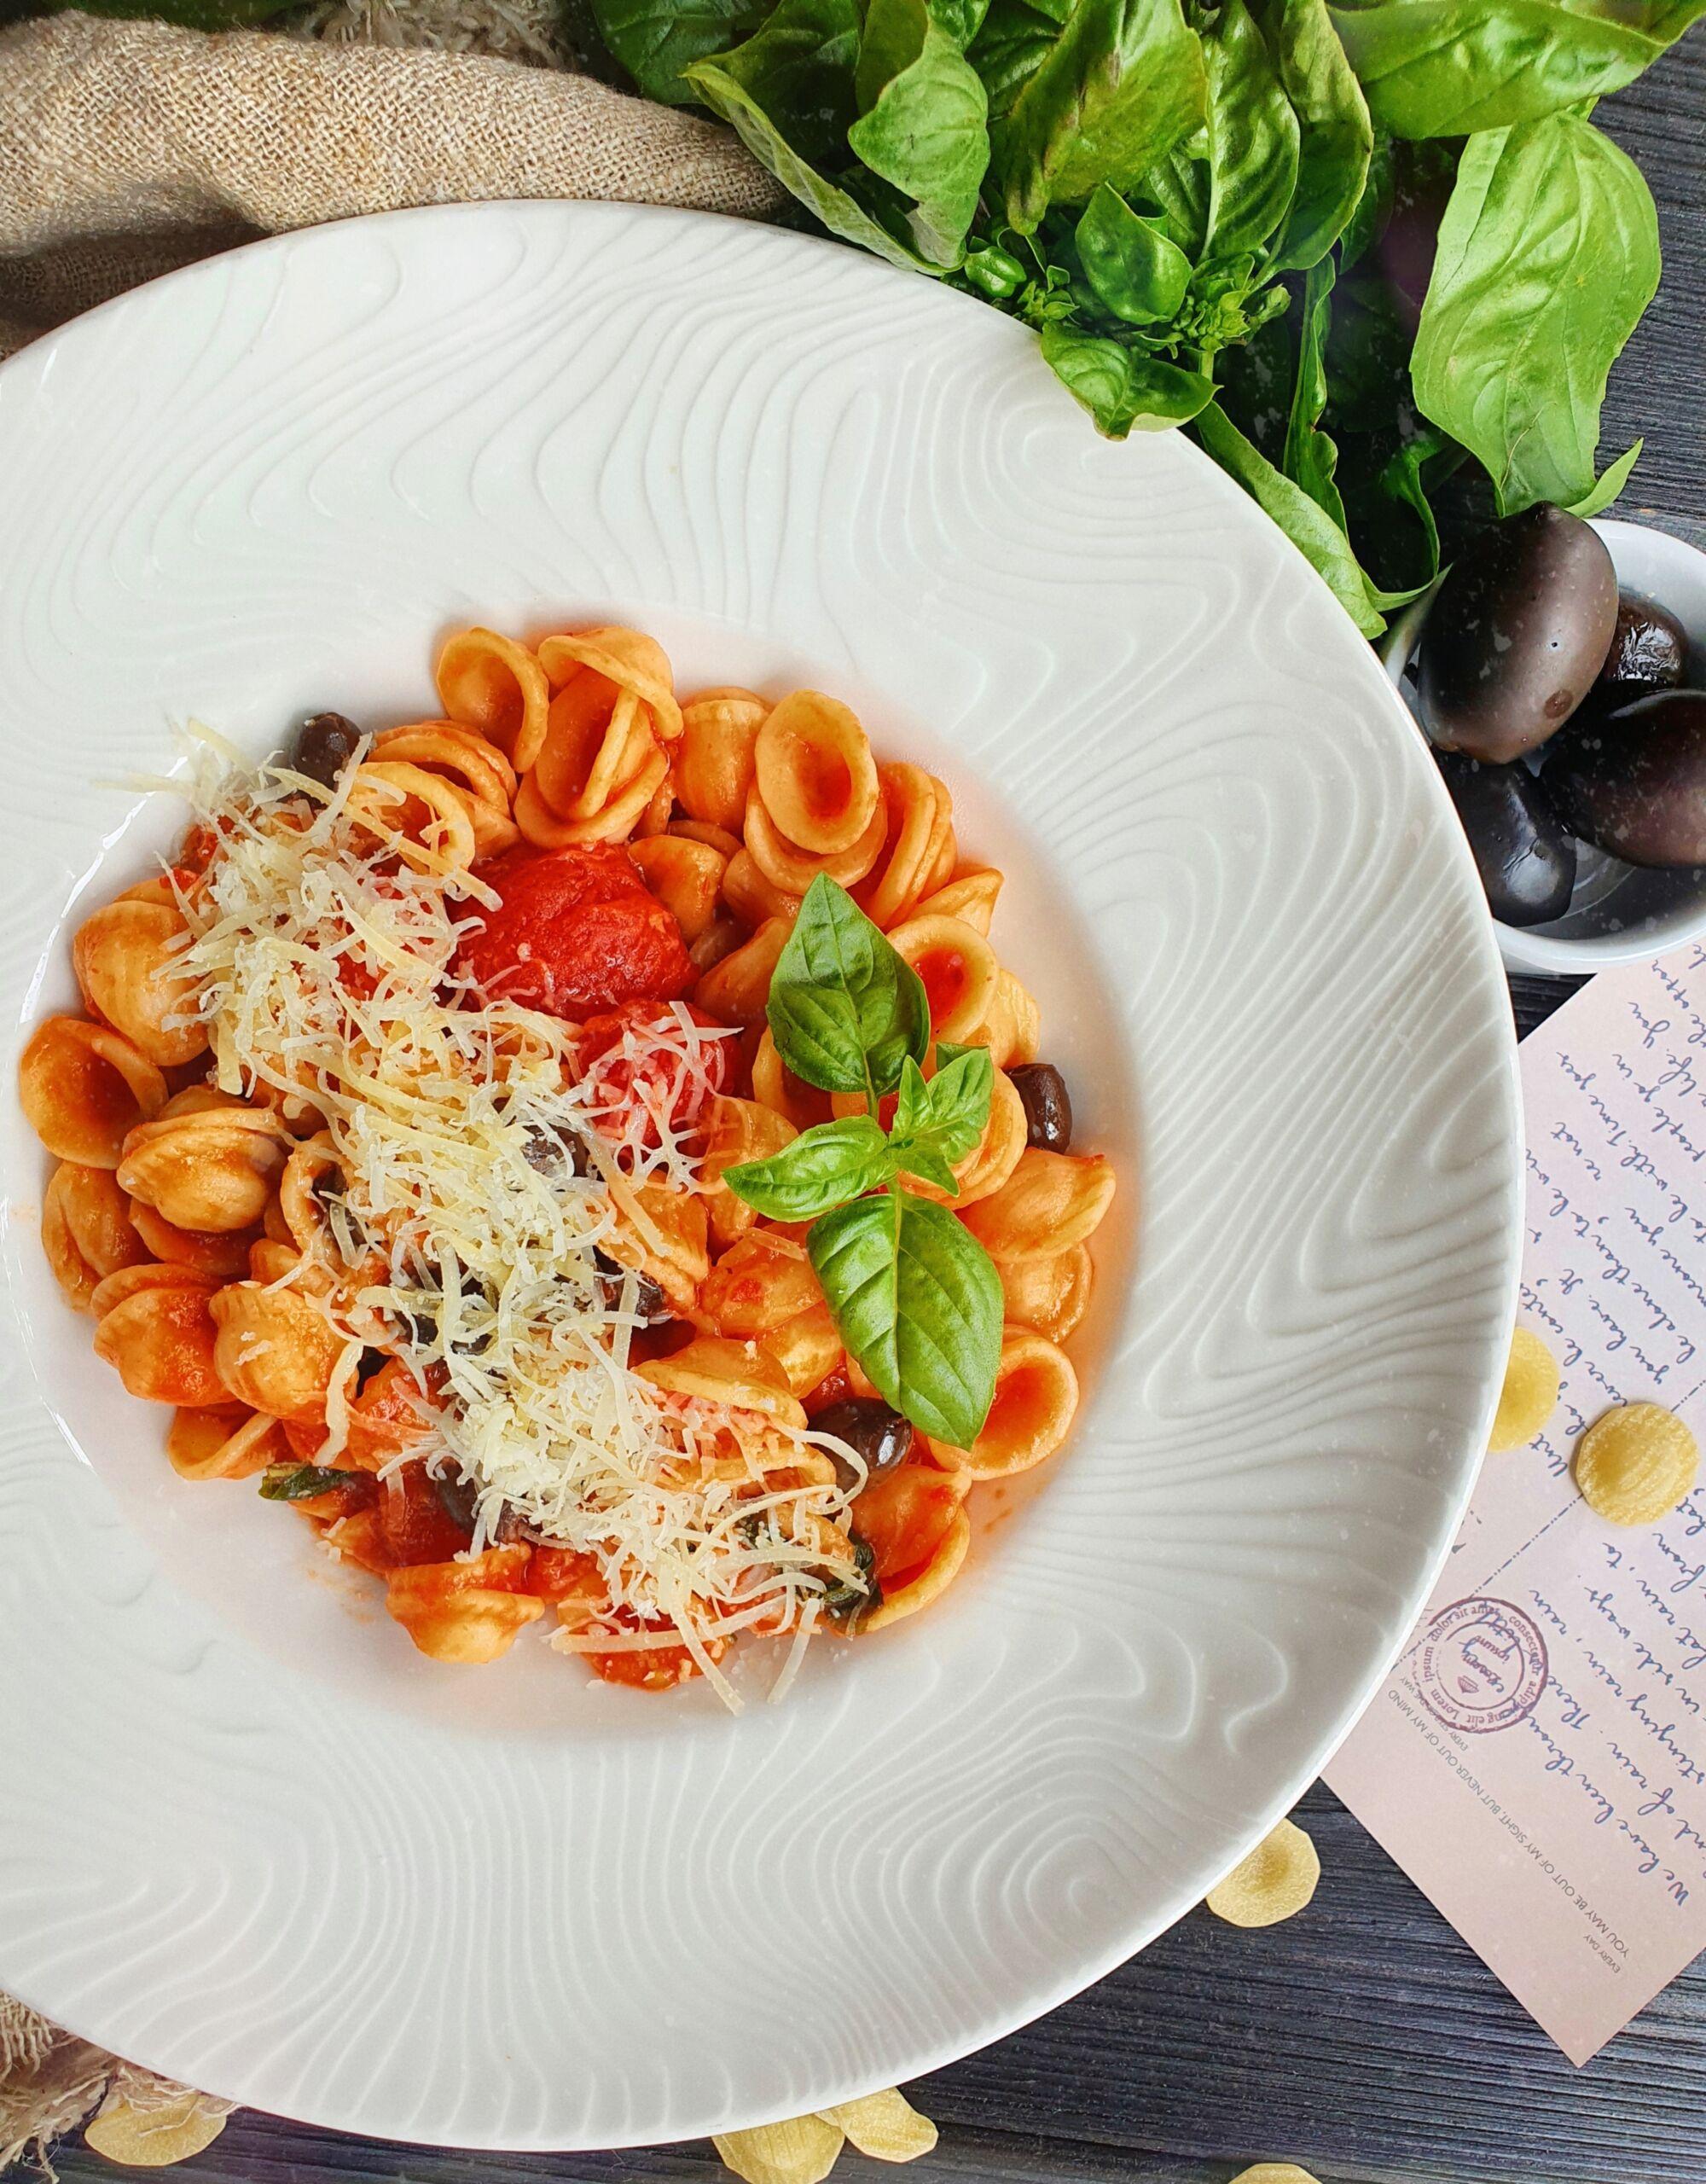 Орекьетте с таджасскими оливками паста Pinzeria by Bontempi Итальянский ресторан Волгоград пицца заказать